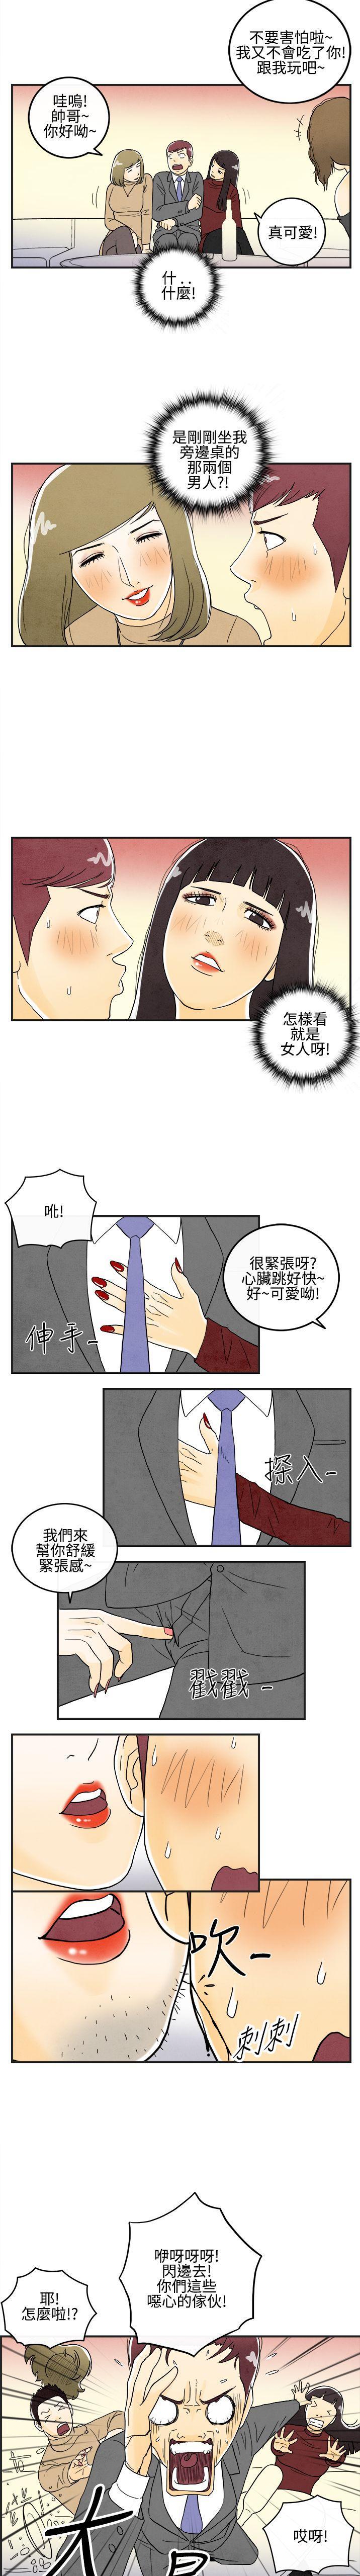 中文韩漫 离婚报告书 Ch.0-10 75